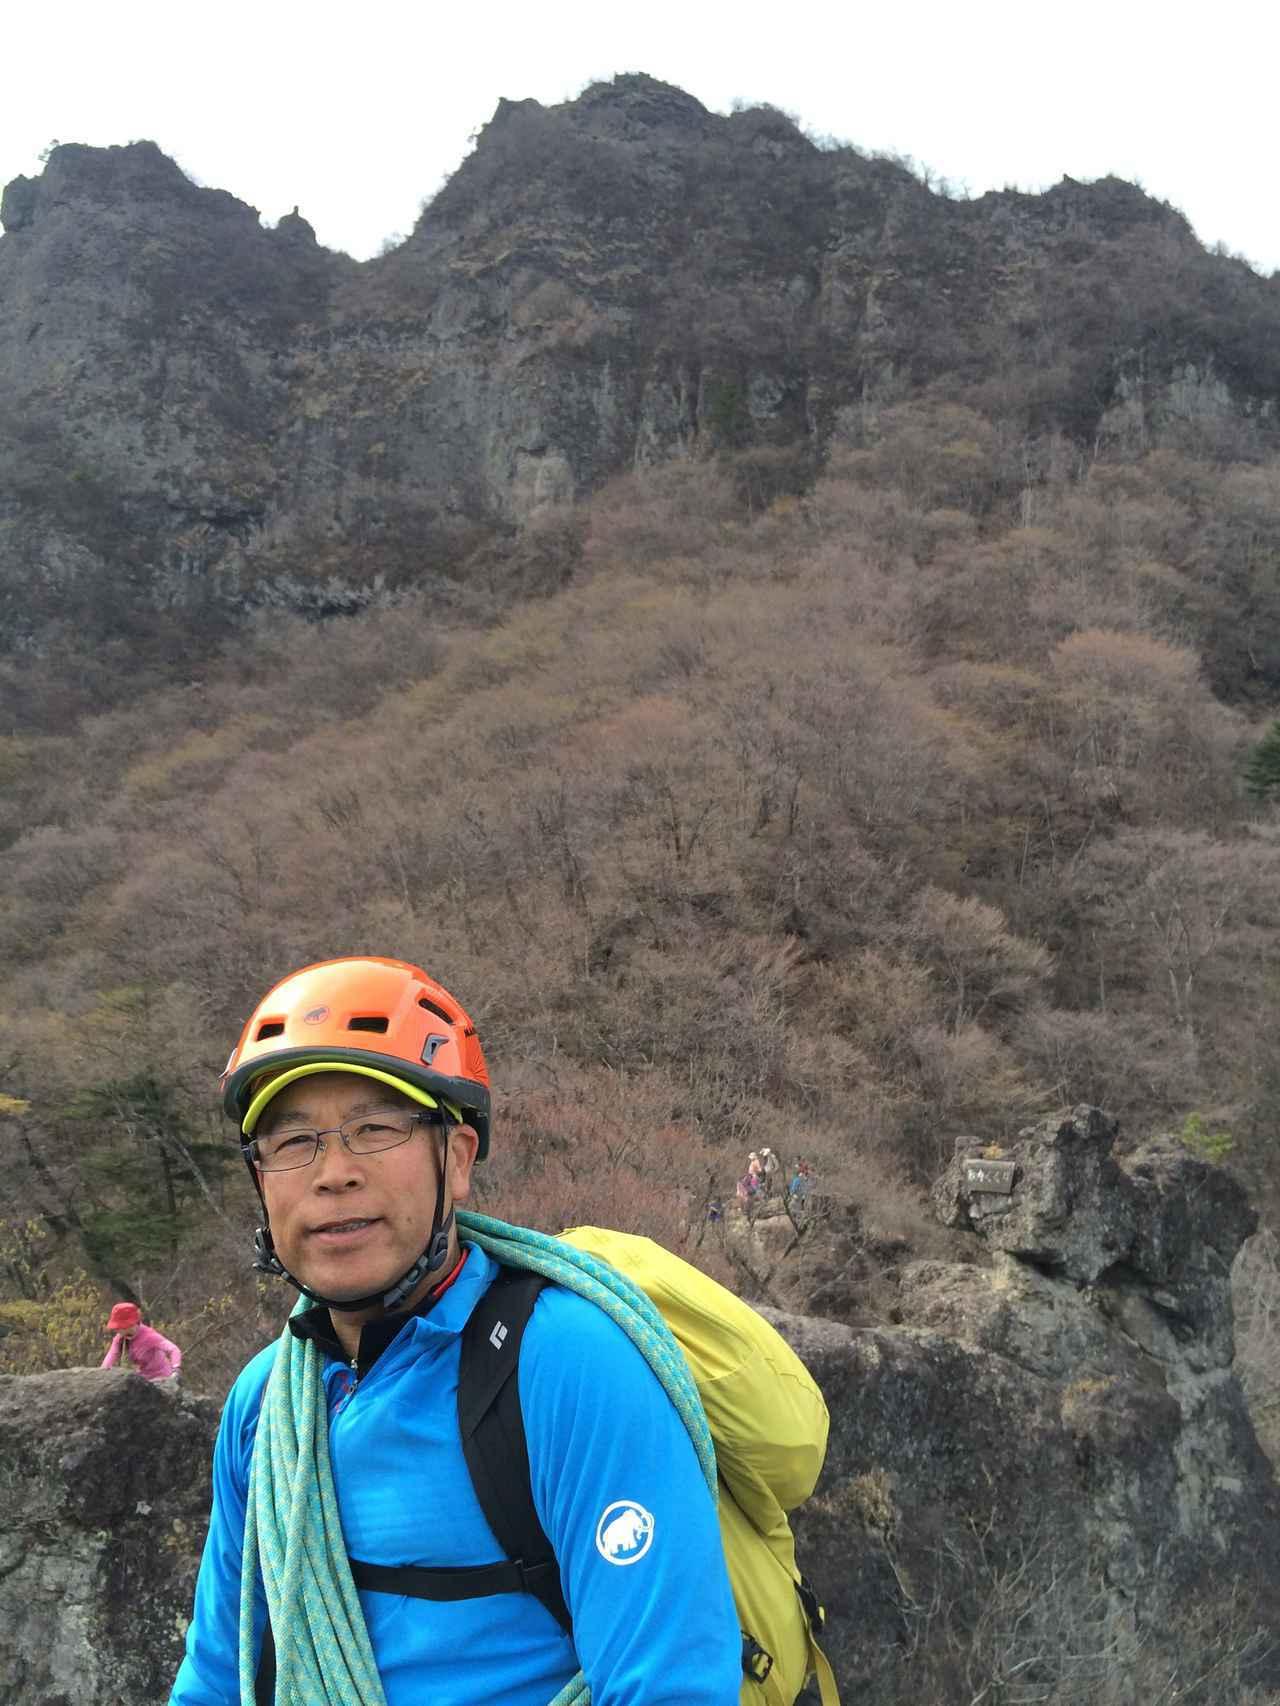 画像: 【山旅スクール】登山教室を支えるガイドにインタビュー第2弾  山旅スクール 小川 元章ガイド ~人とのつながりから山へ、そしてガイドへ~